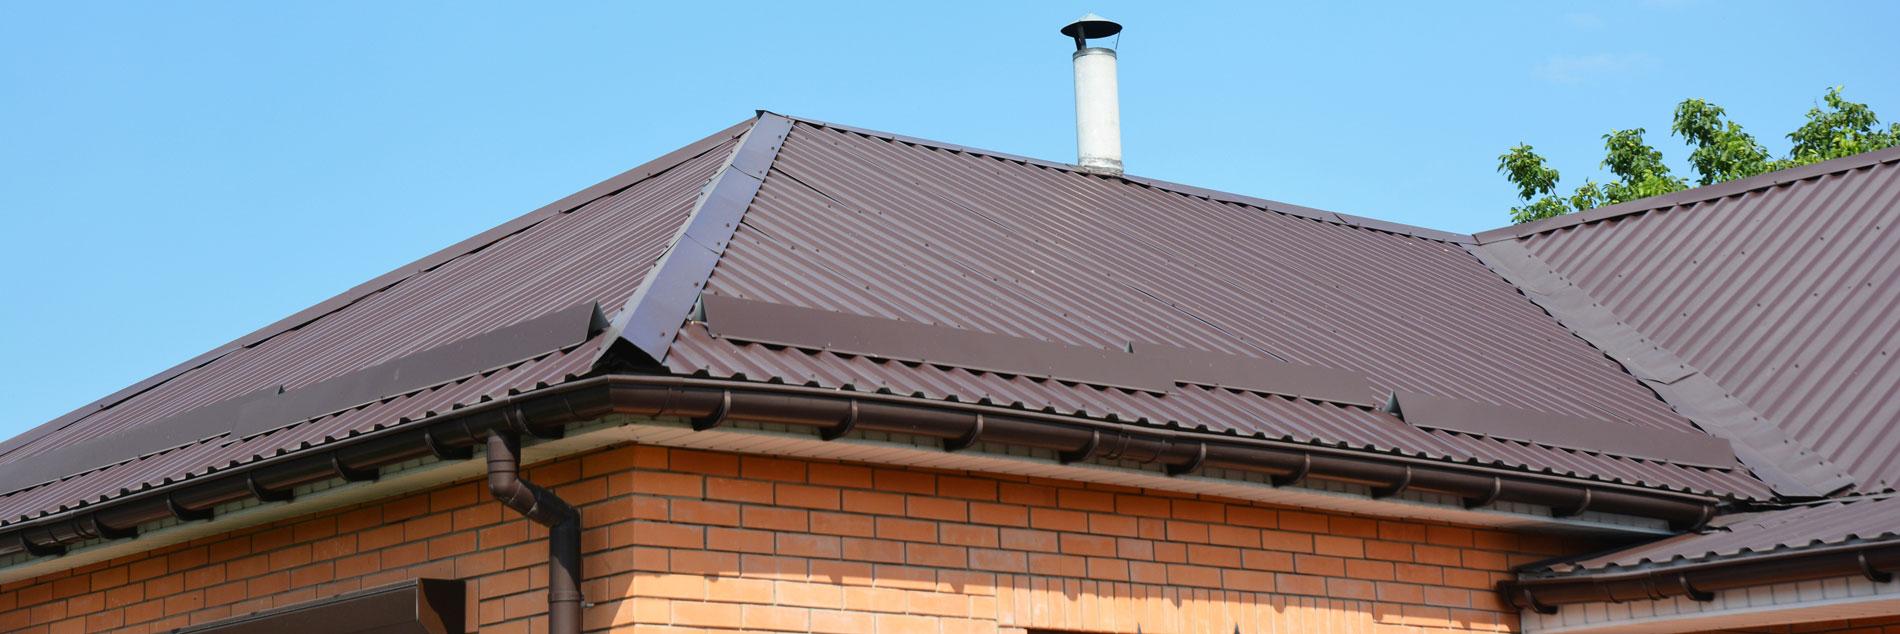 Metal Roof in San Antonio